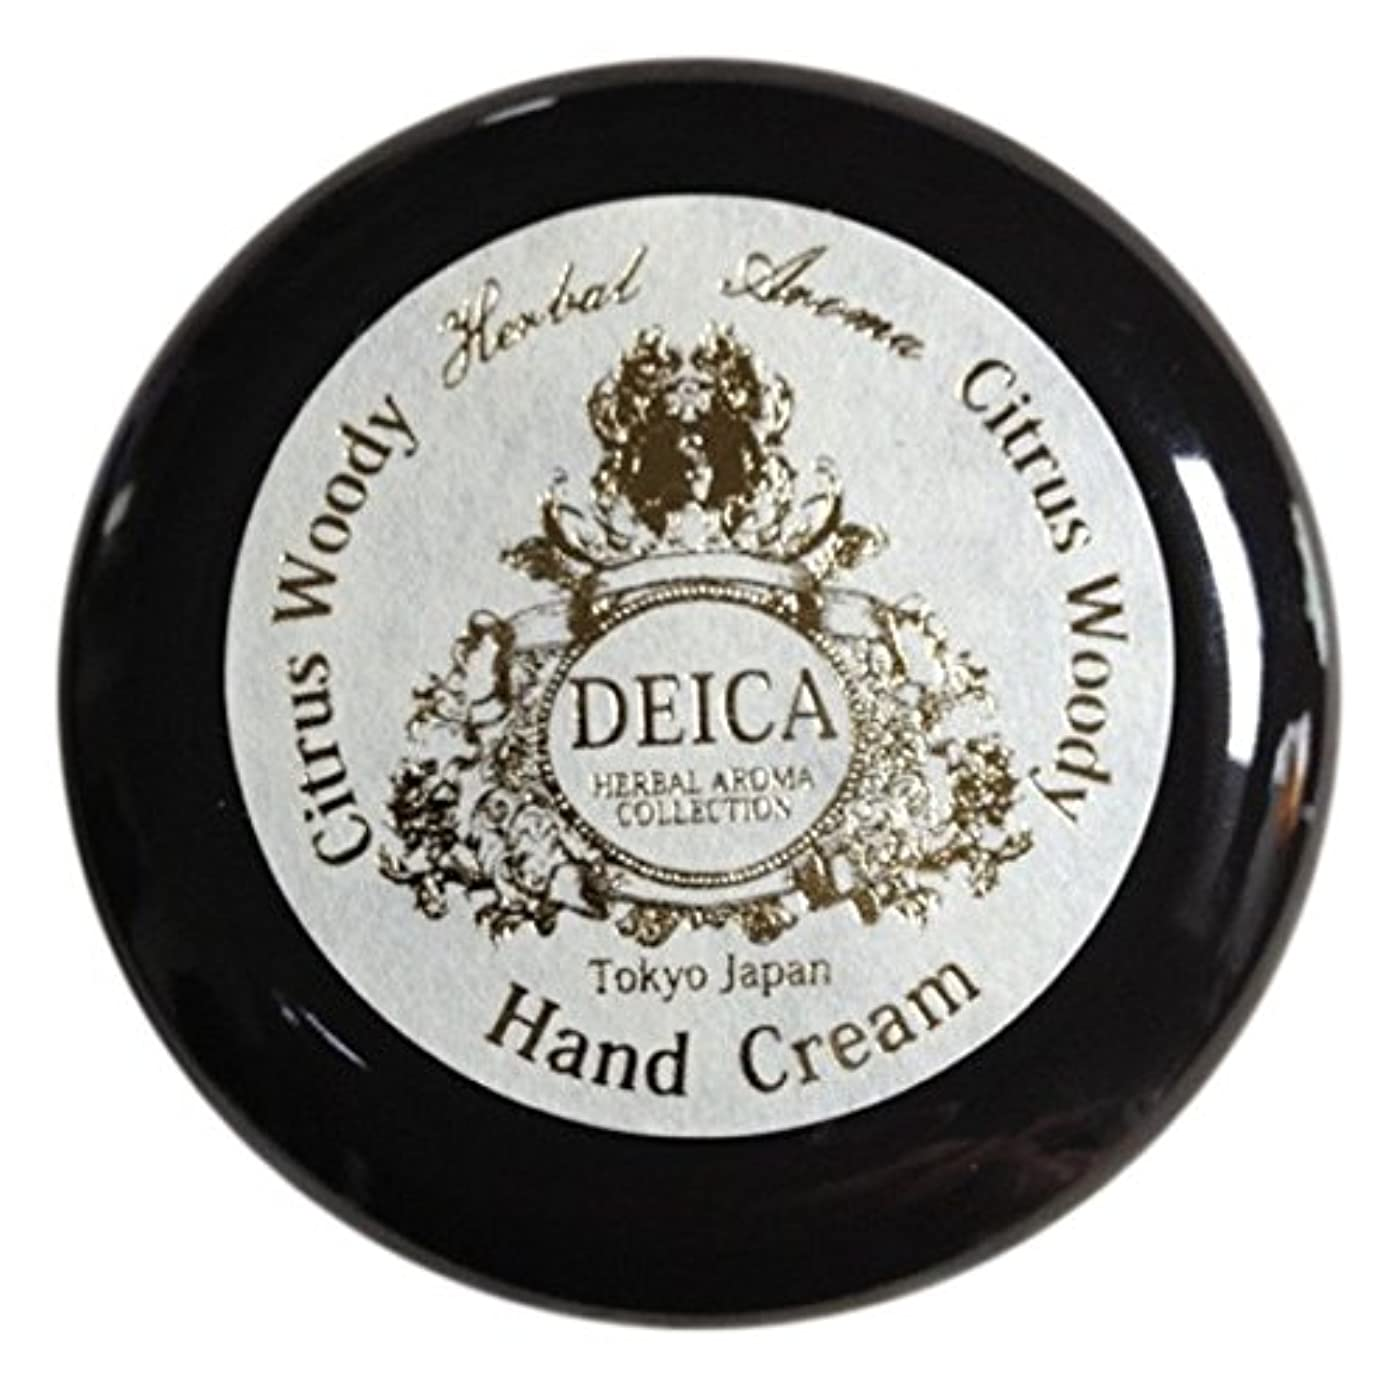 署名大胆コンクリートDEICA ハーバルアロマ ハンドクリーム シトラスウッディ